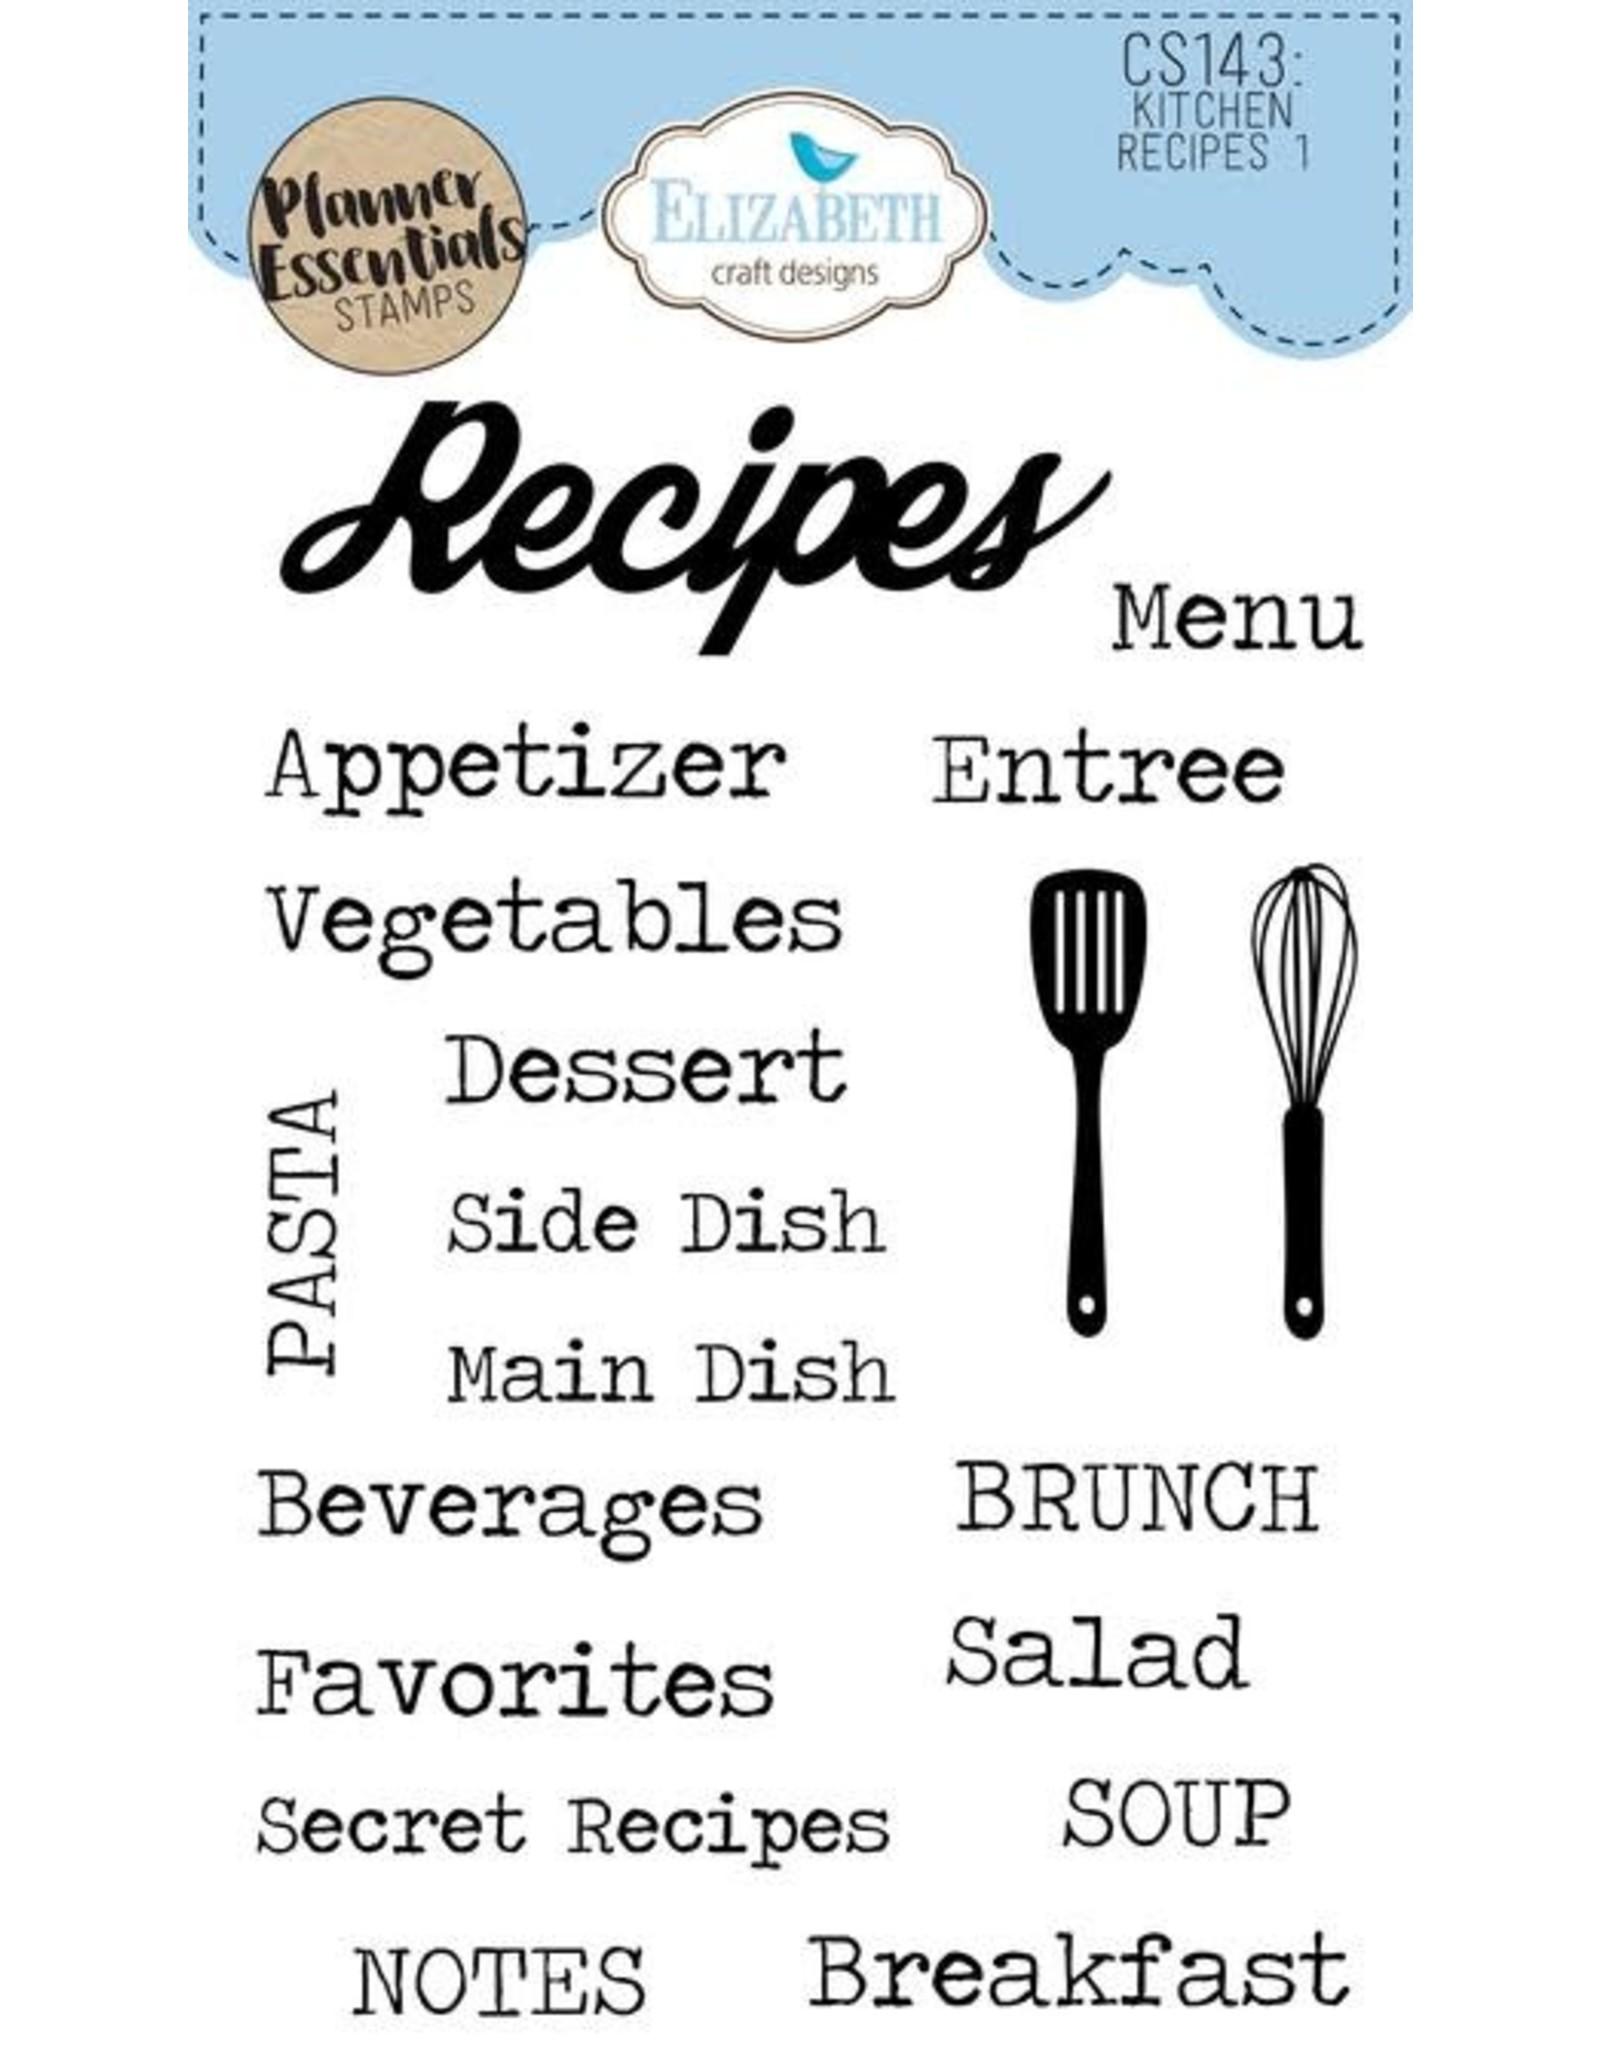 Elizabeth Craft Designs Elizabeth Craft Designs PLanner essentials stamps Kitchen recipes 1 CS143